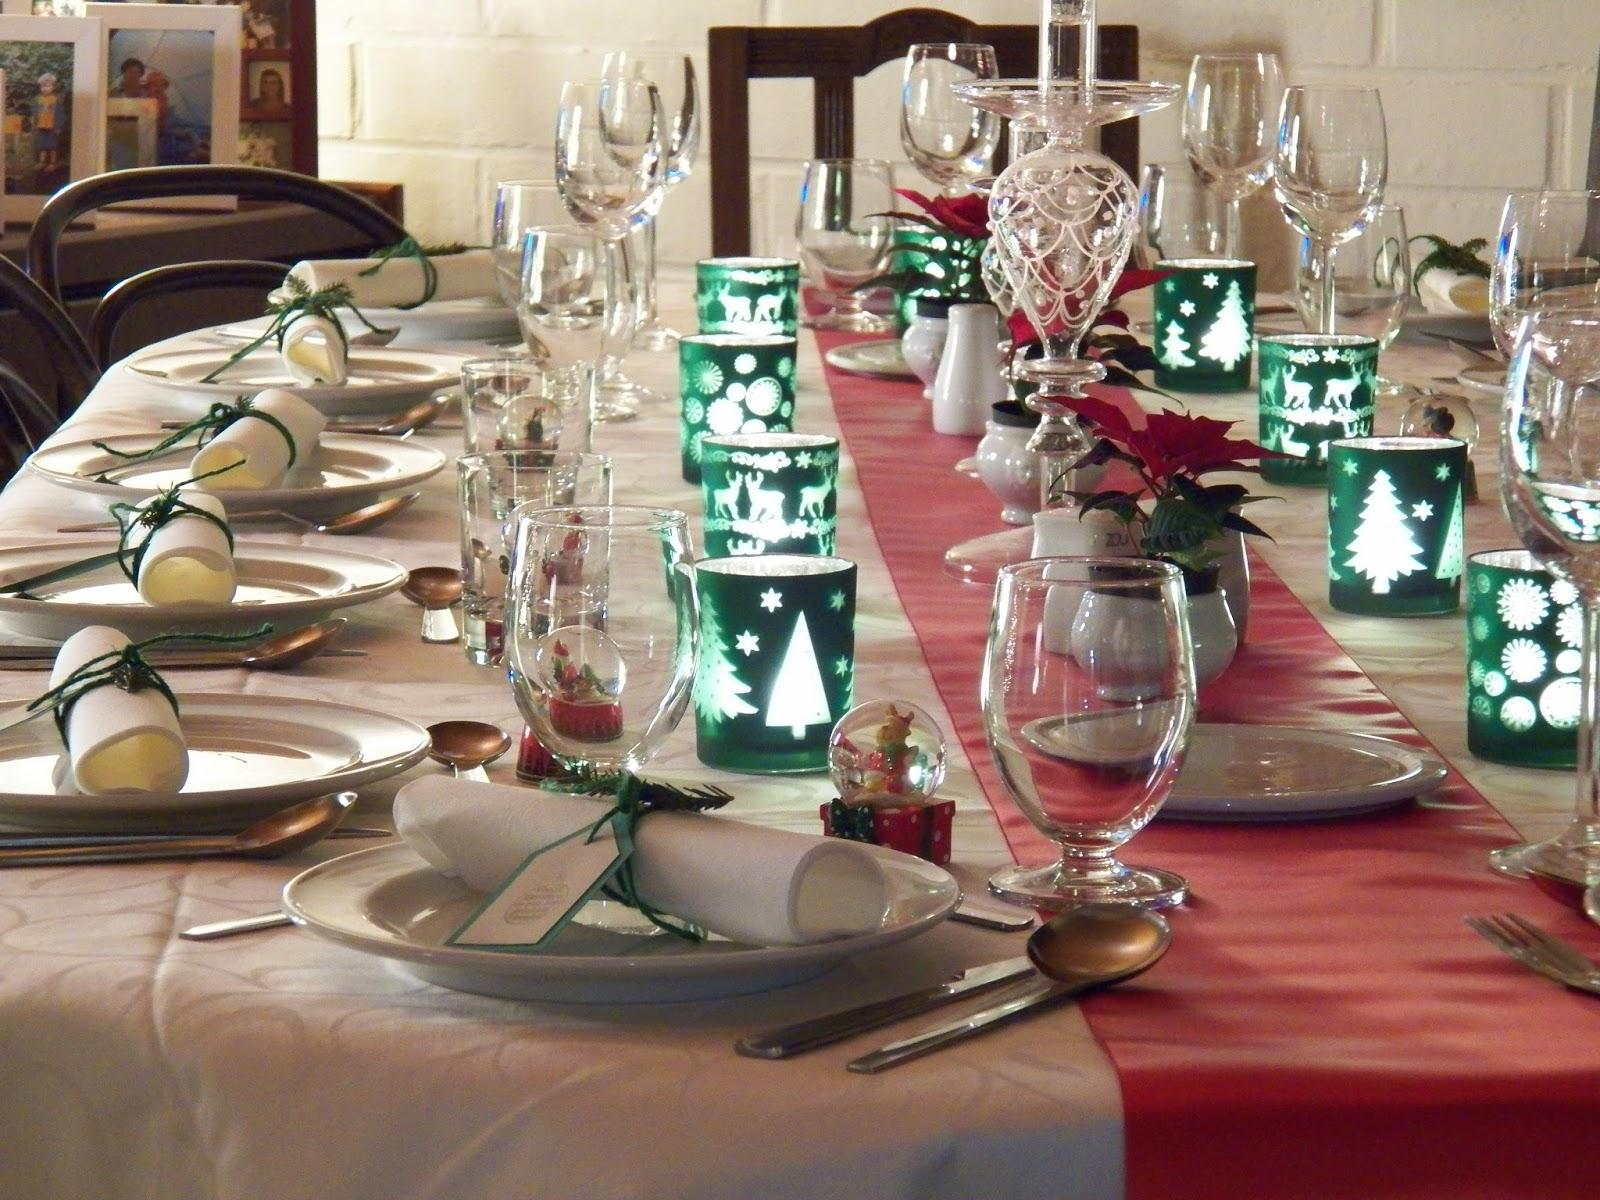 Feestdagen Kersttafel Aankleden : Aankleden kersttafel parksidetraceapartments